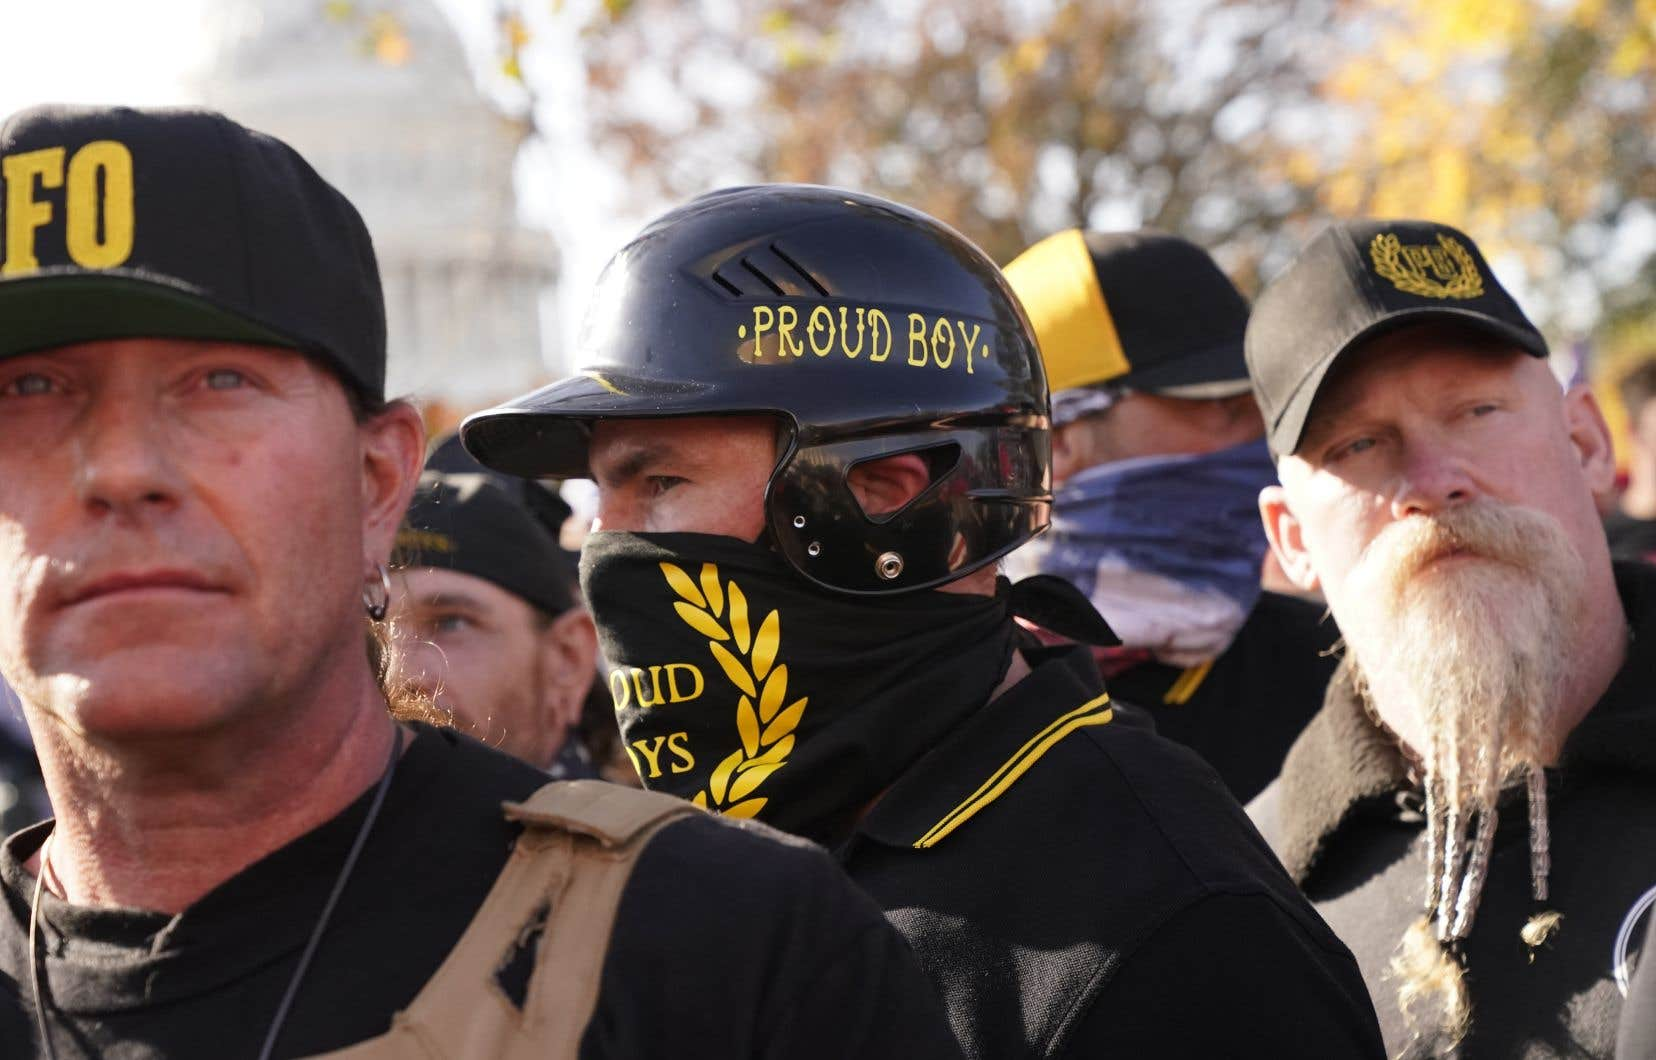 Les députés ont accru la pression en adoptant une motion appelant le gouvernement à utiliser tous les outils disponibles pour lutter contre la prolifération des suprémacistes blancs et des groupes haineux, en commençant par la désignation immédiate des Proud Boys comme entité terroriste. Sur la photo, des membres de ce groupe lors d'une manifestation en novembre 2020 à Washington.